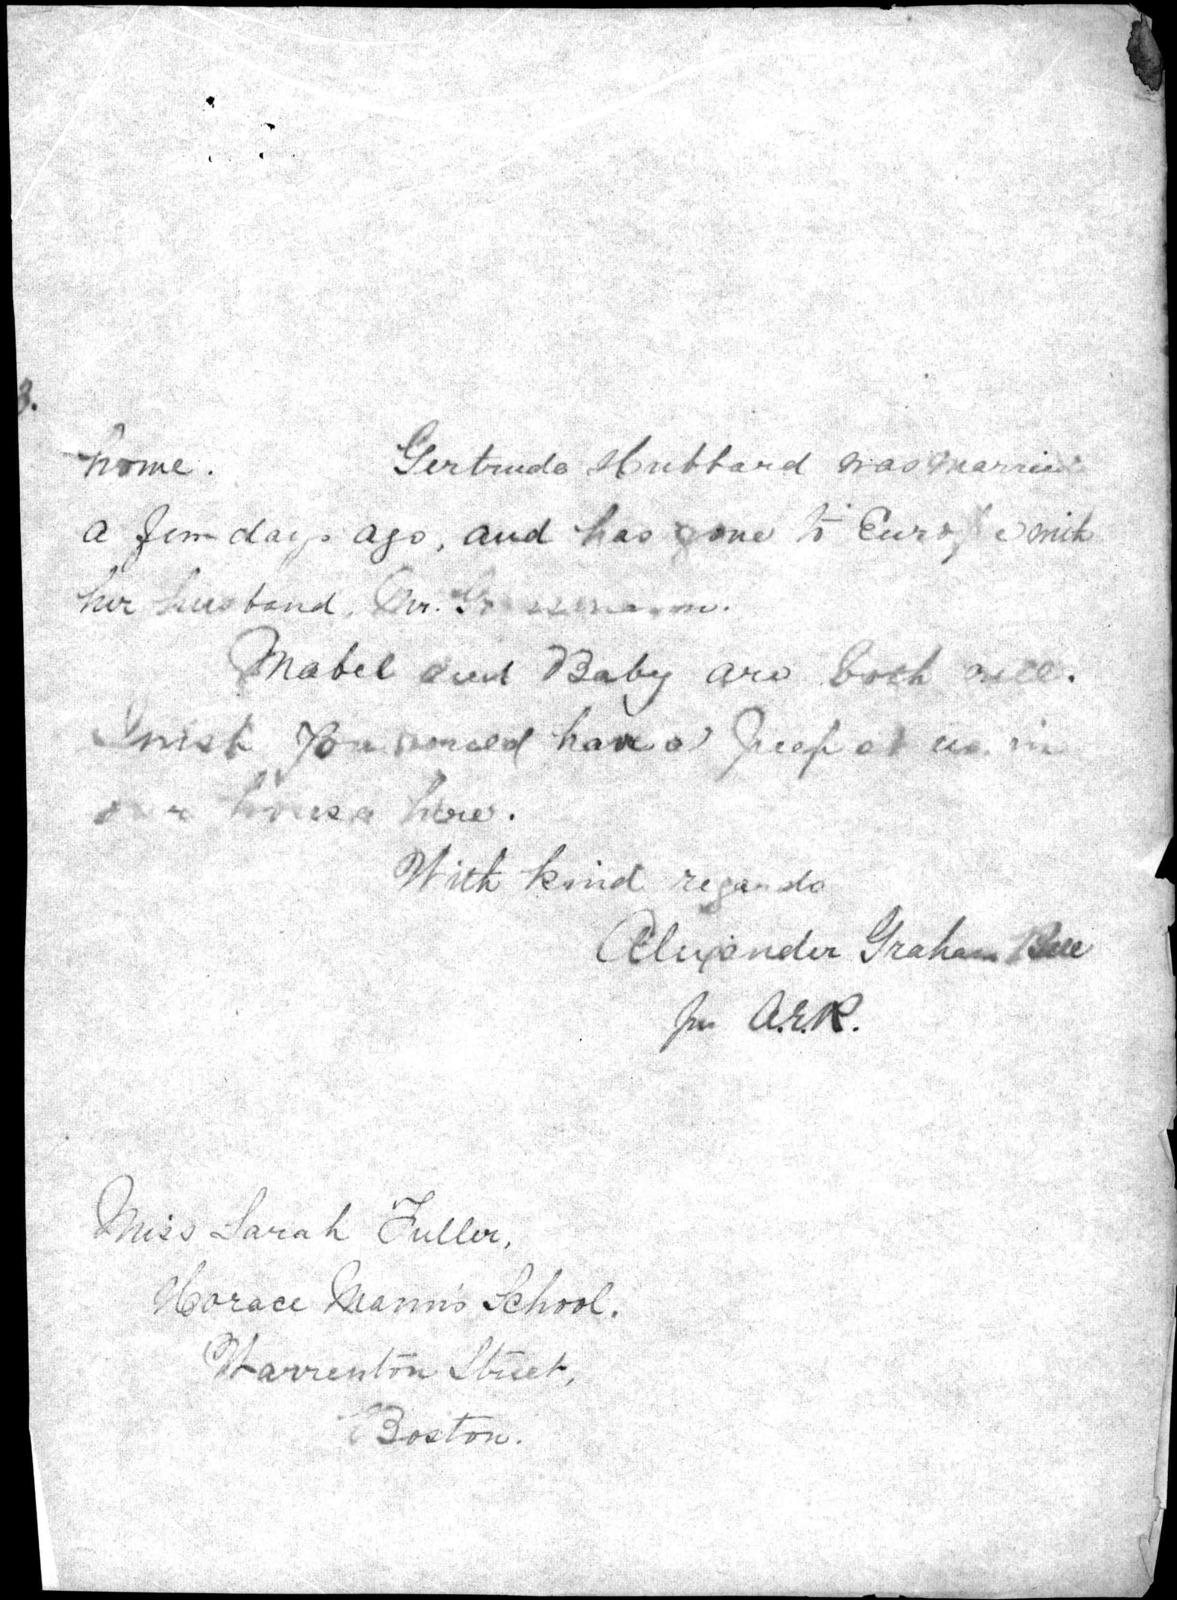 Letter from Alexander Graham Bell to Sarah Fuller, January 30, 1880